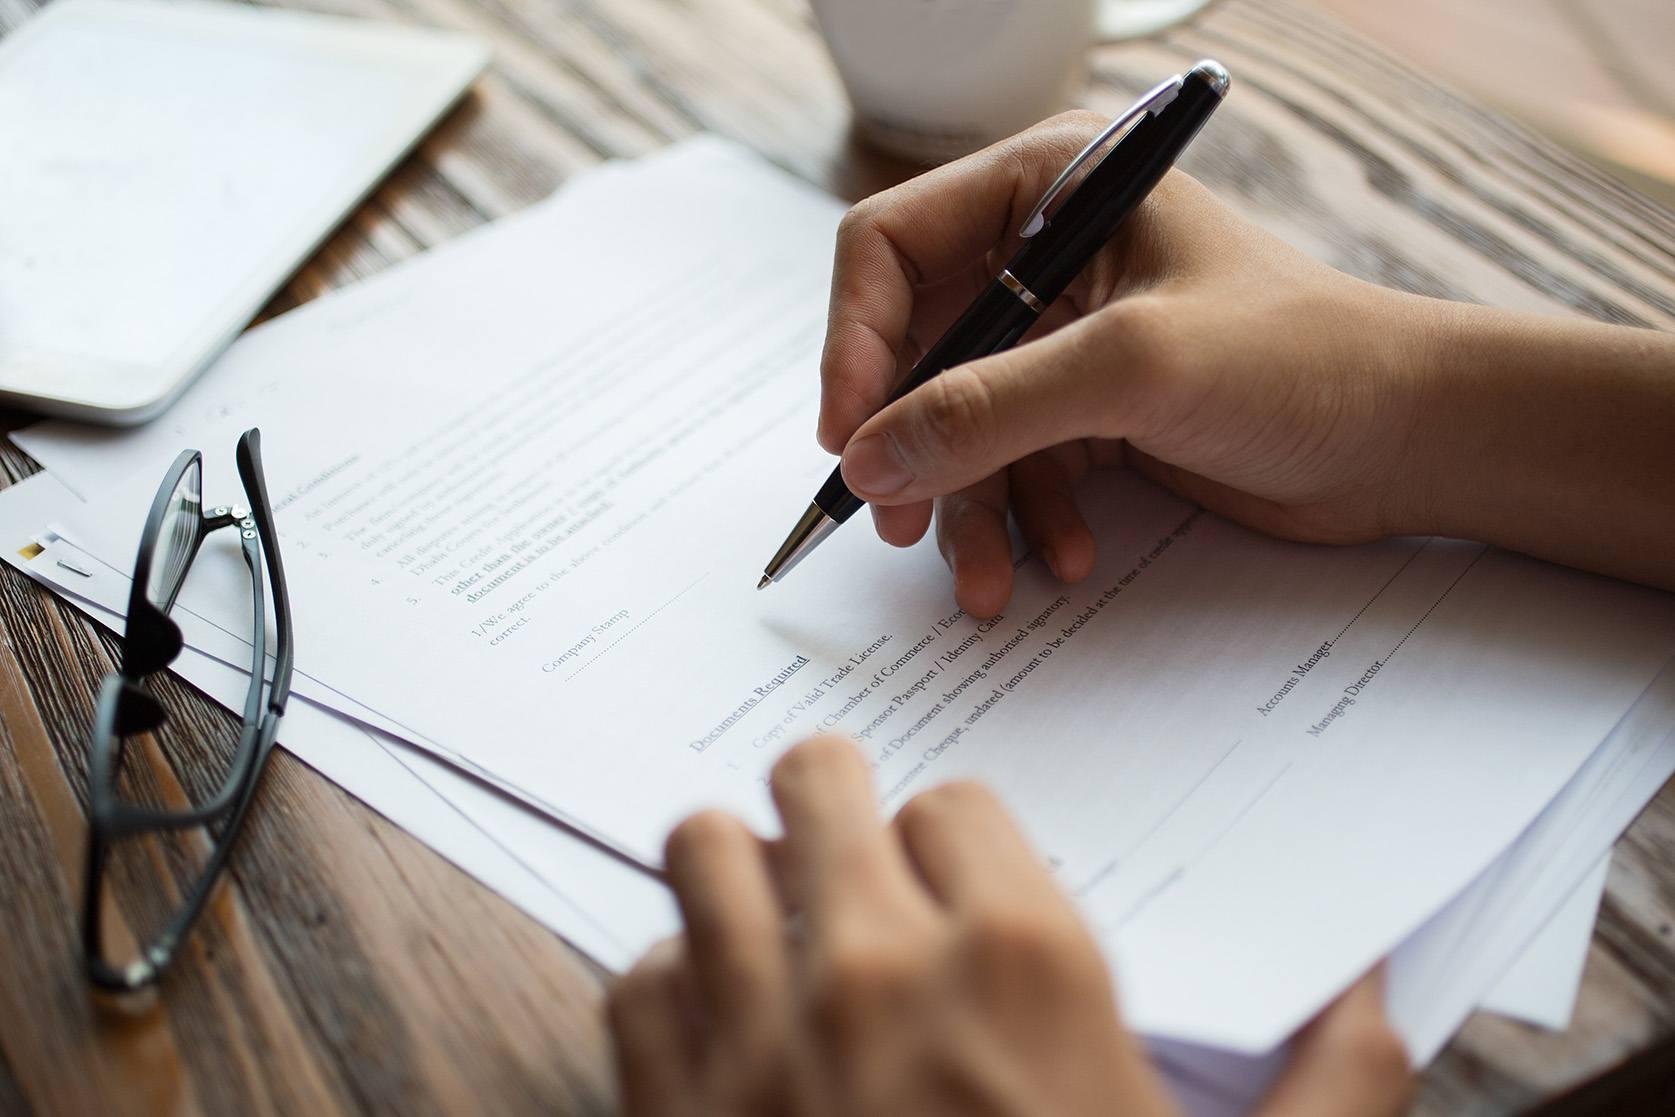 ¿Qué documentos debería estar siempre a su oficina y por qué?  |  Sabio ...